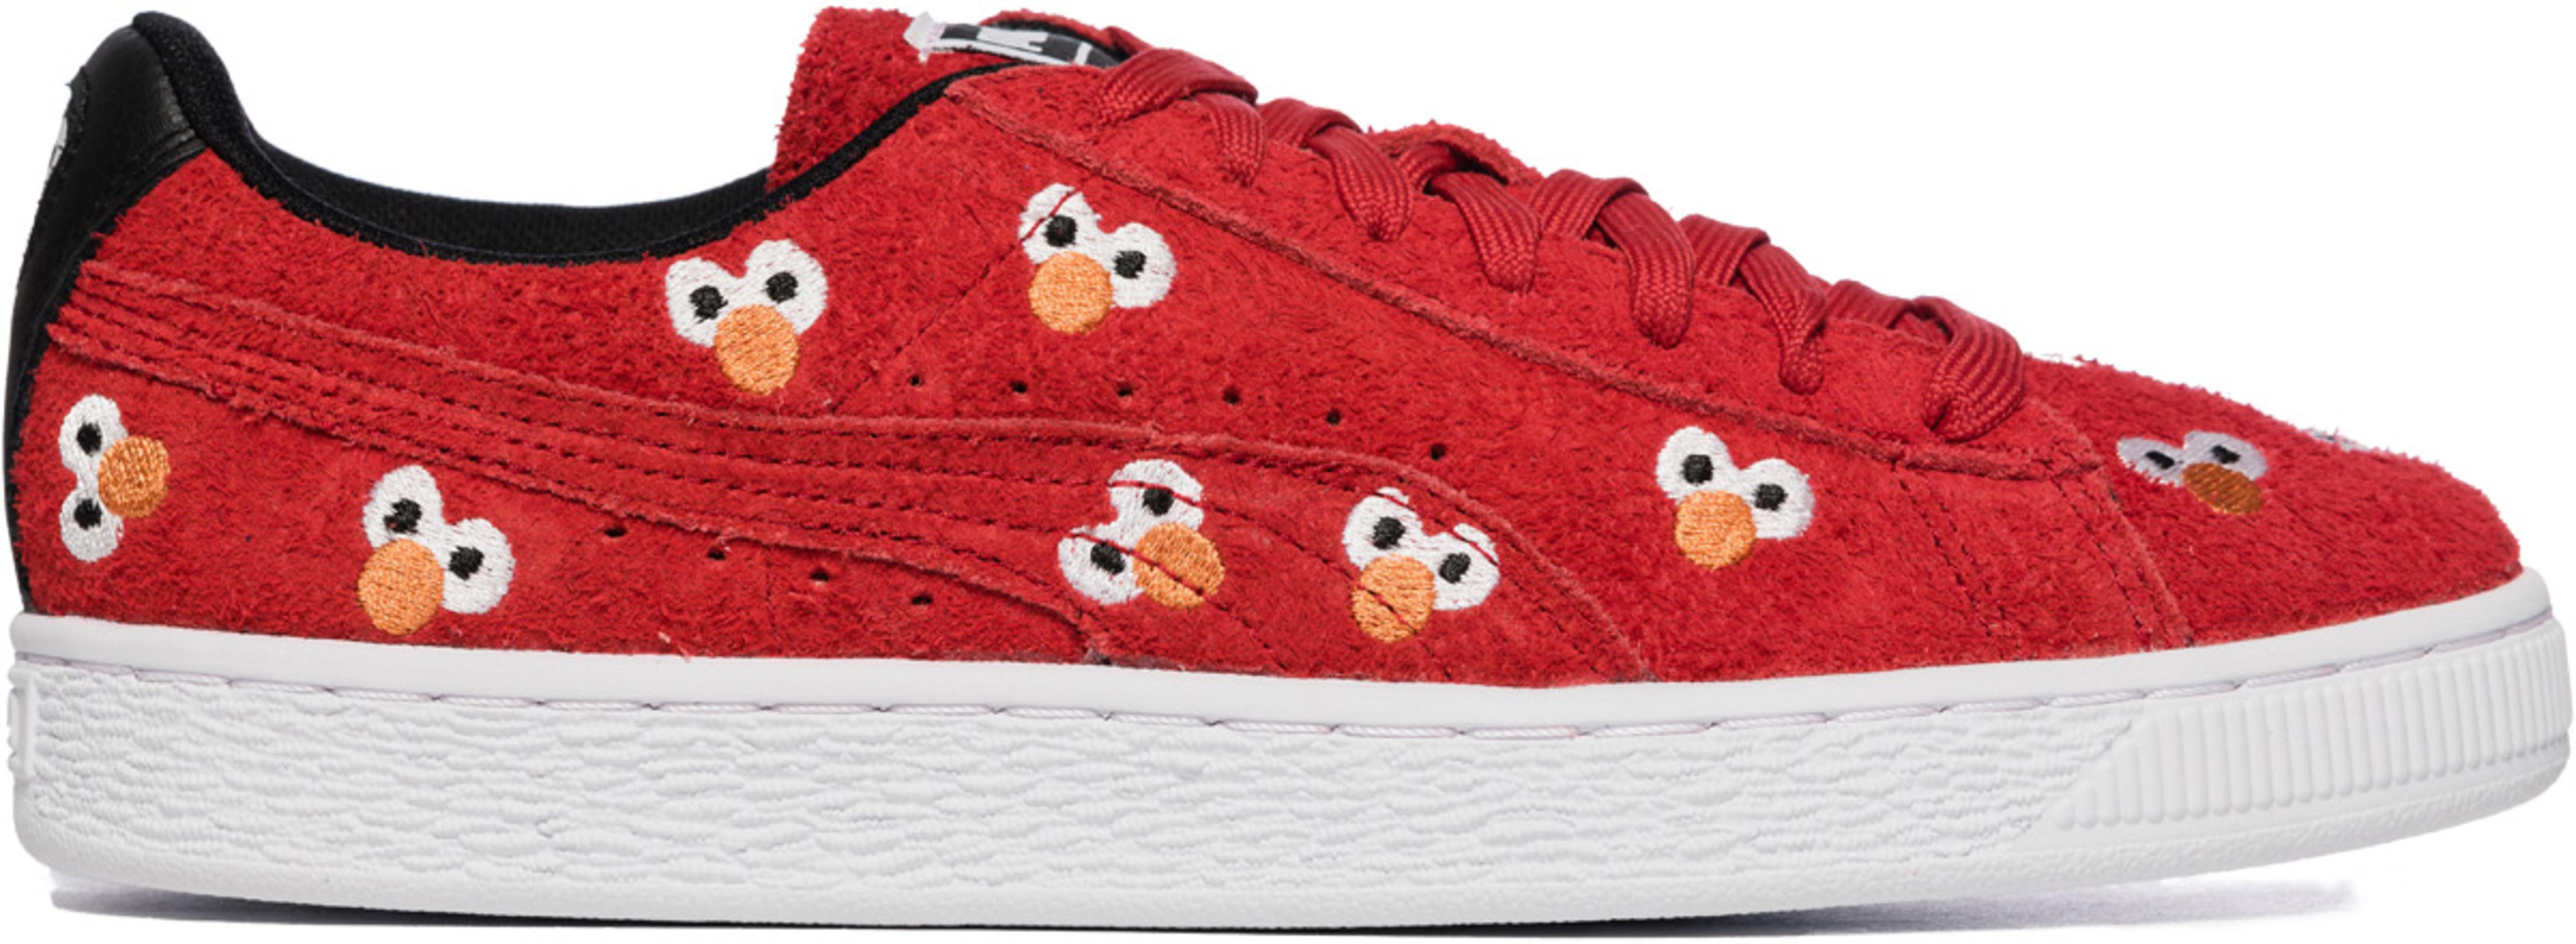 942e5d5e15d Puma  Puma x Sesame Street Suede - High Risk Red